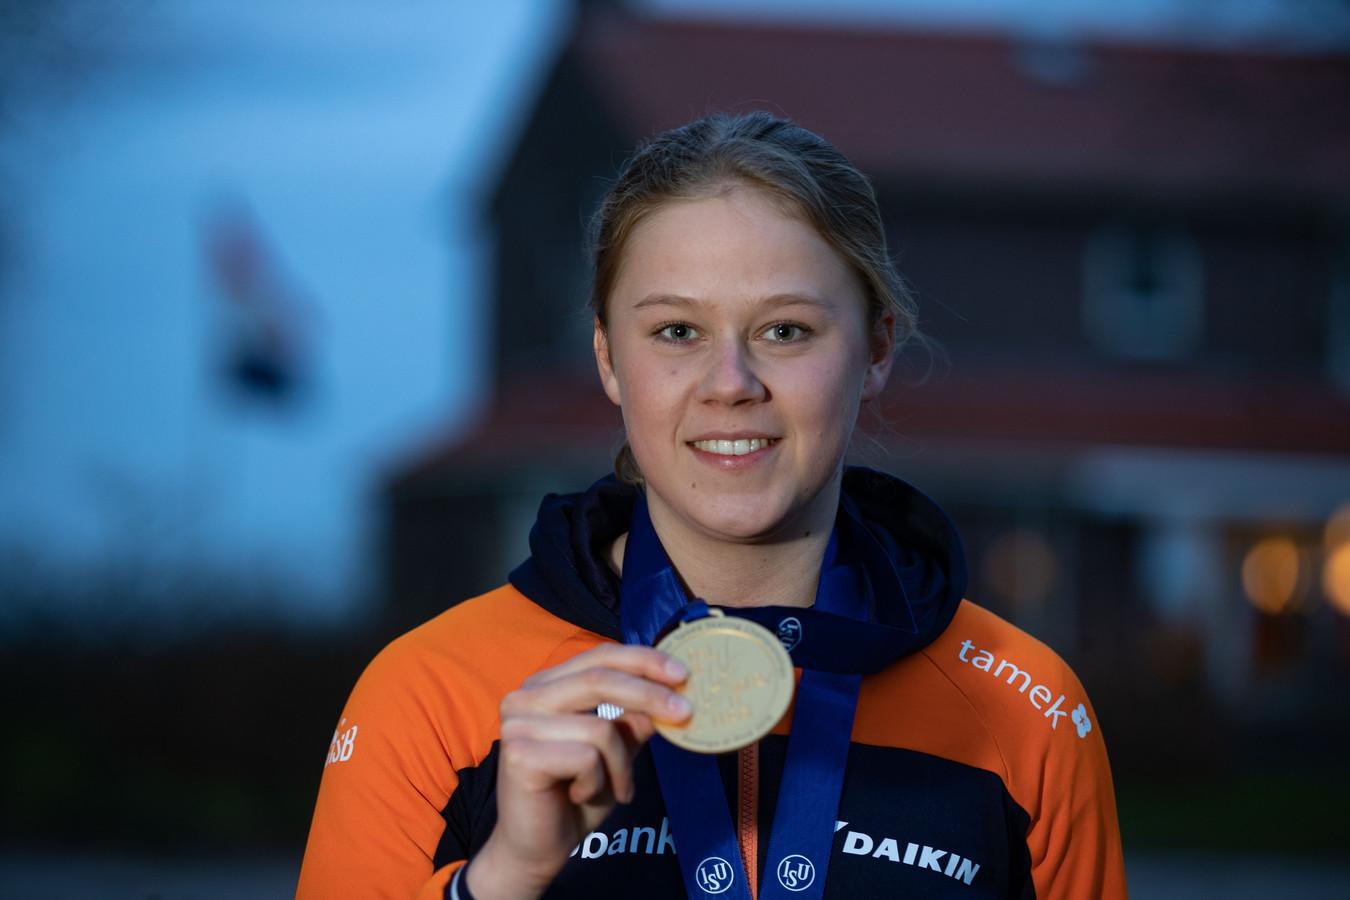 Femke Beuling na het winnen van de wereldtitel op de 500 meter bij de junioren.